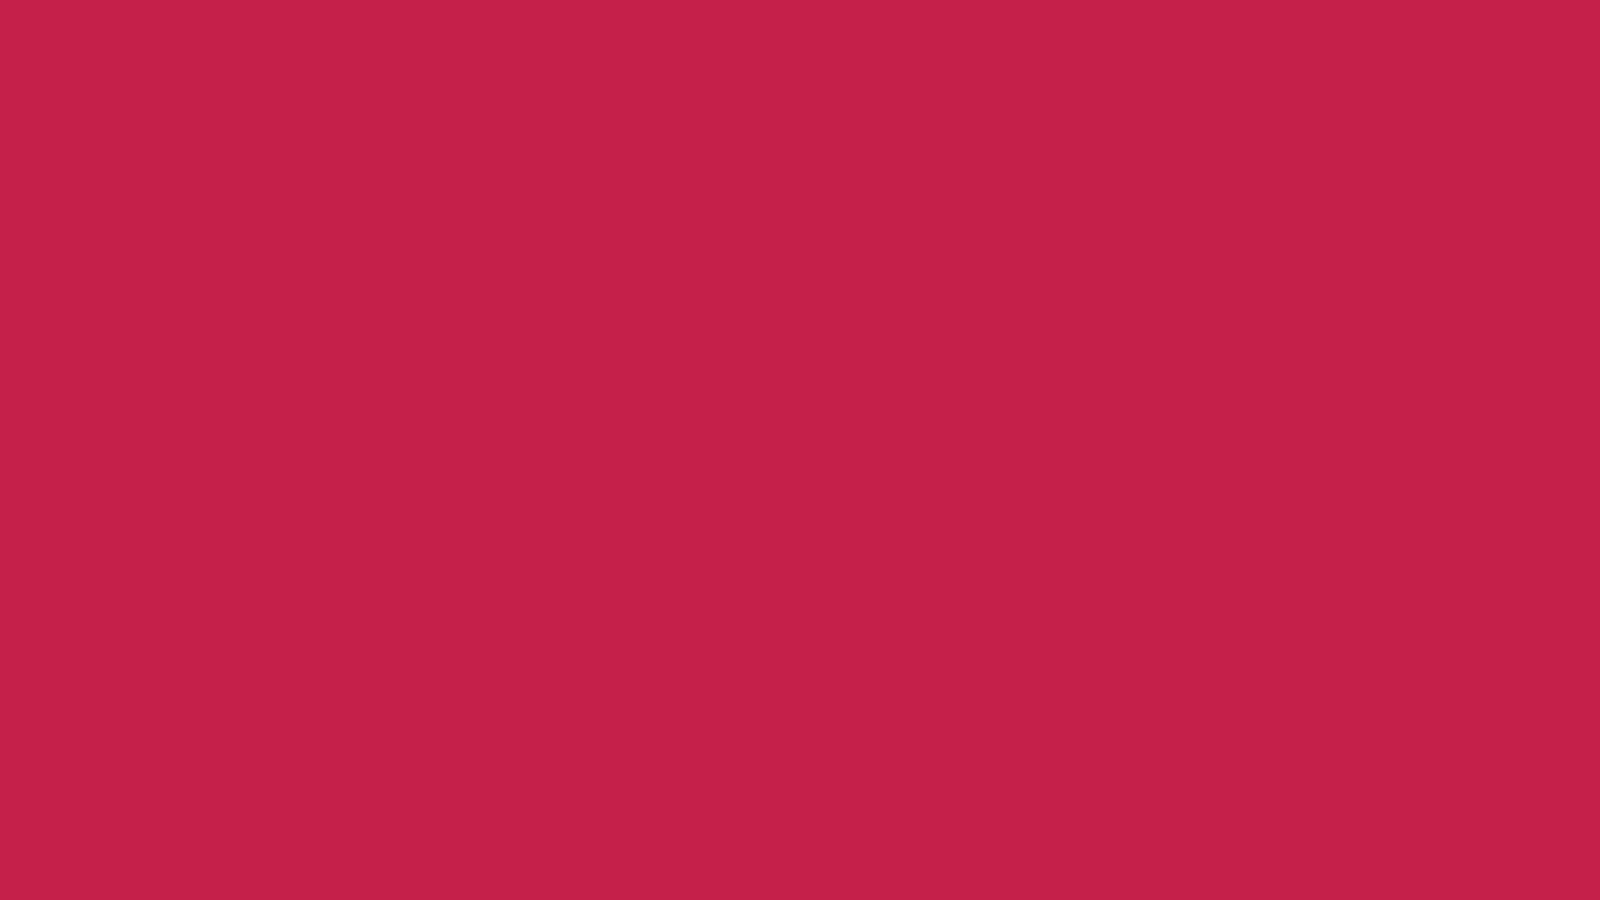 1600x900 Maroon Crayola Solid Color Background